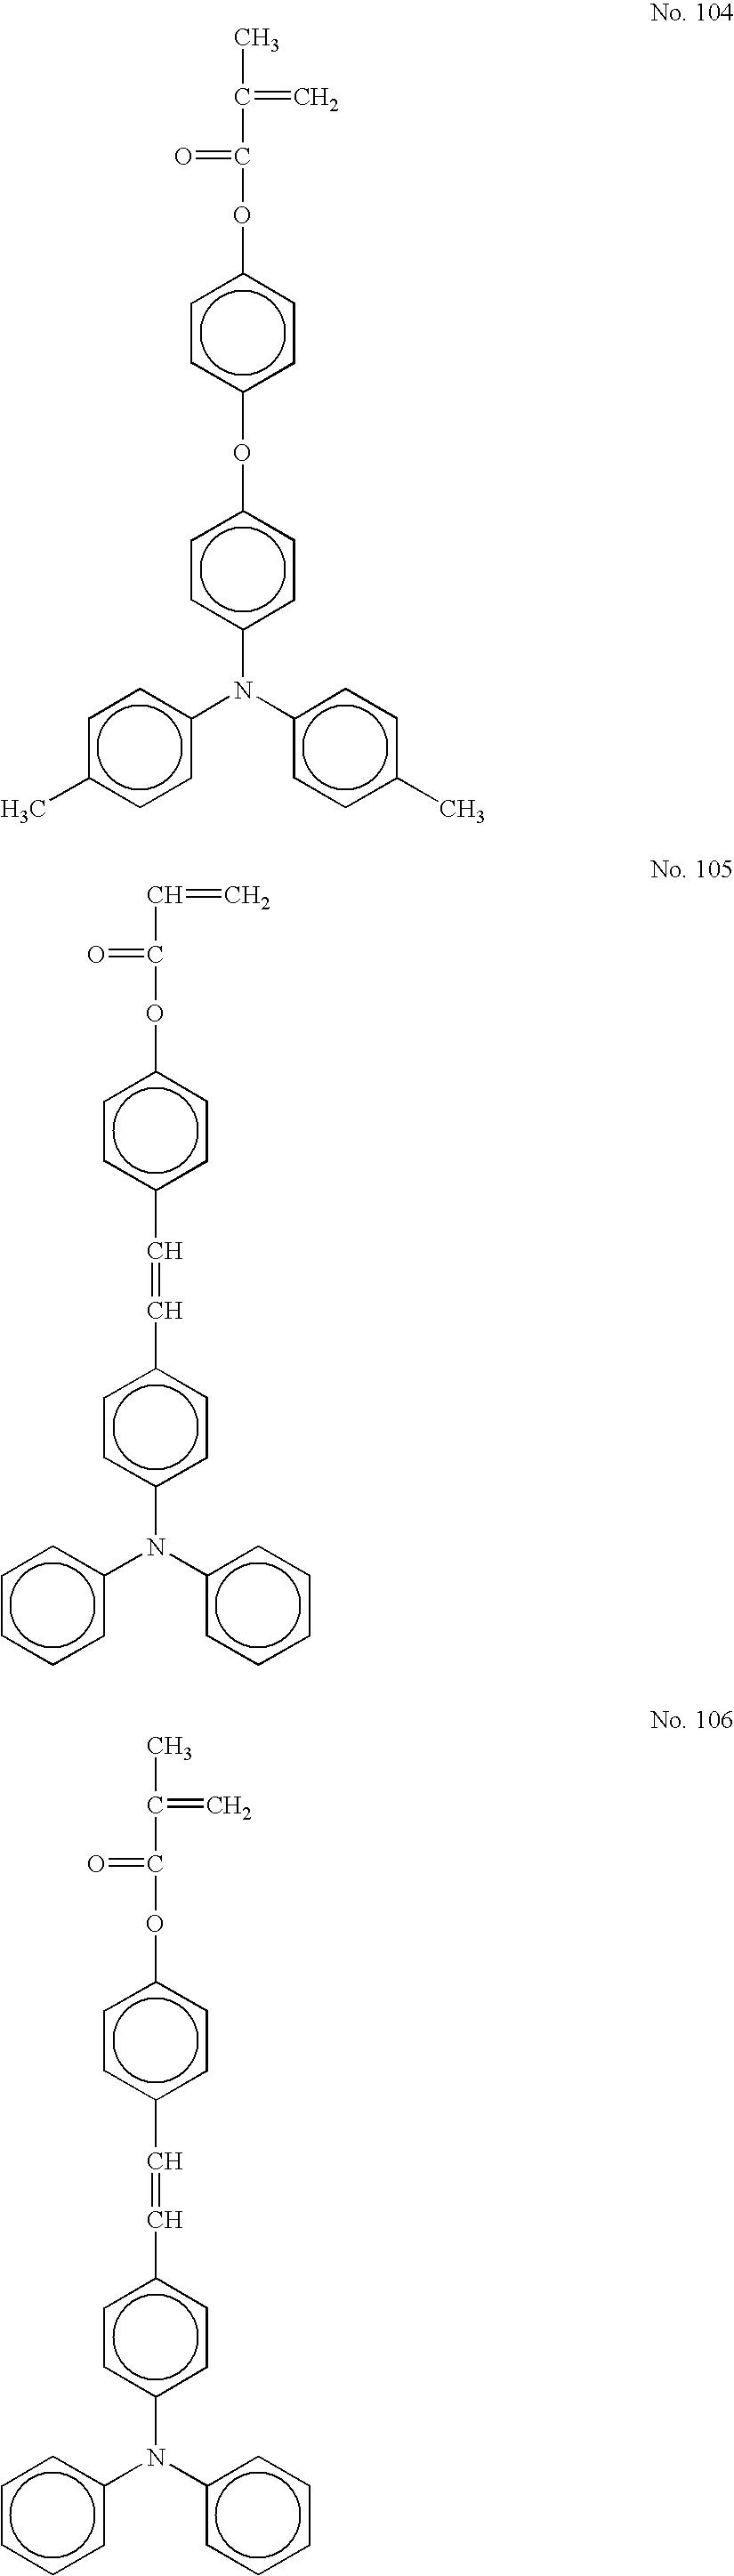 Figure US20050158641A1-20050721-C00049